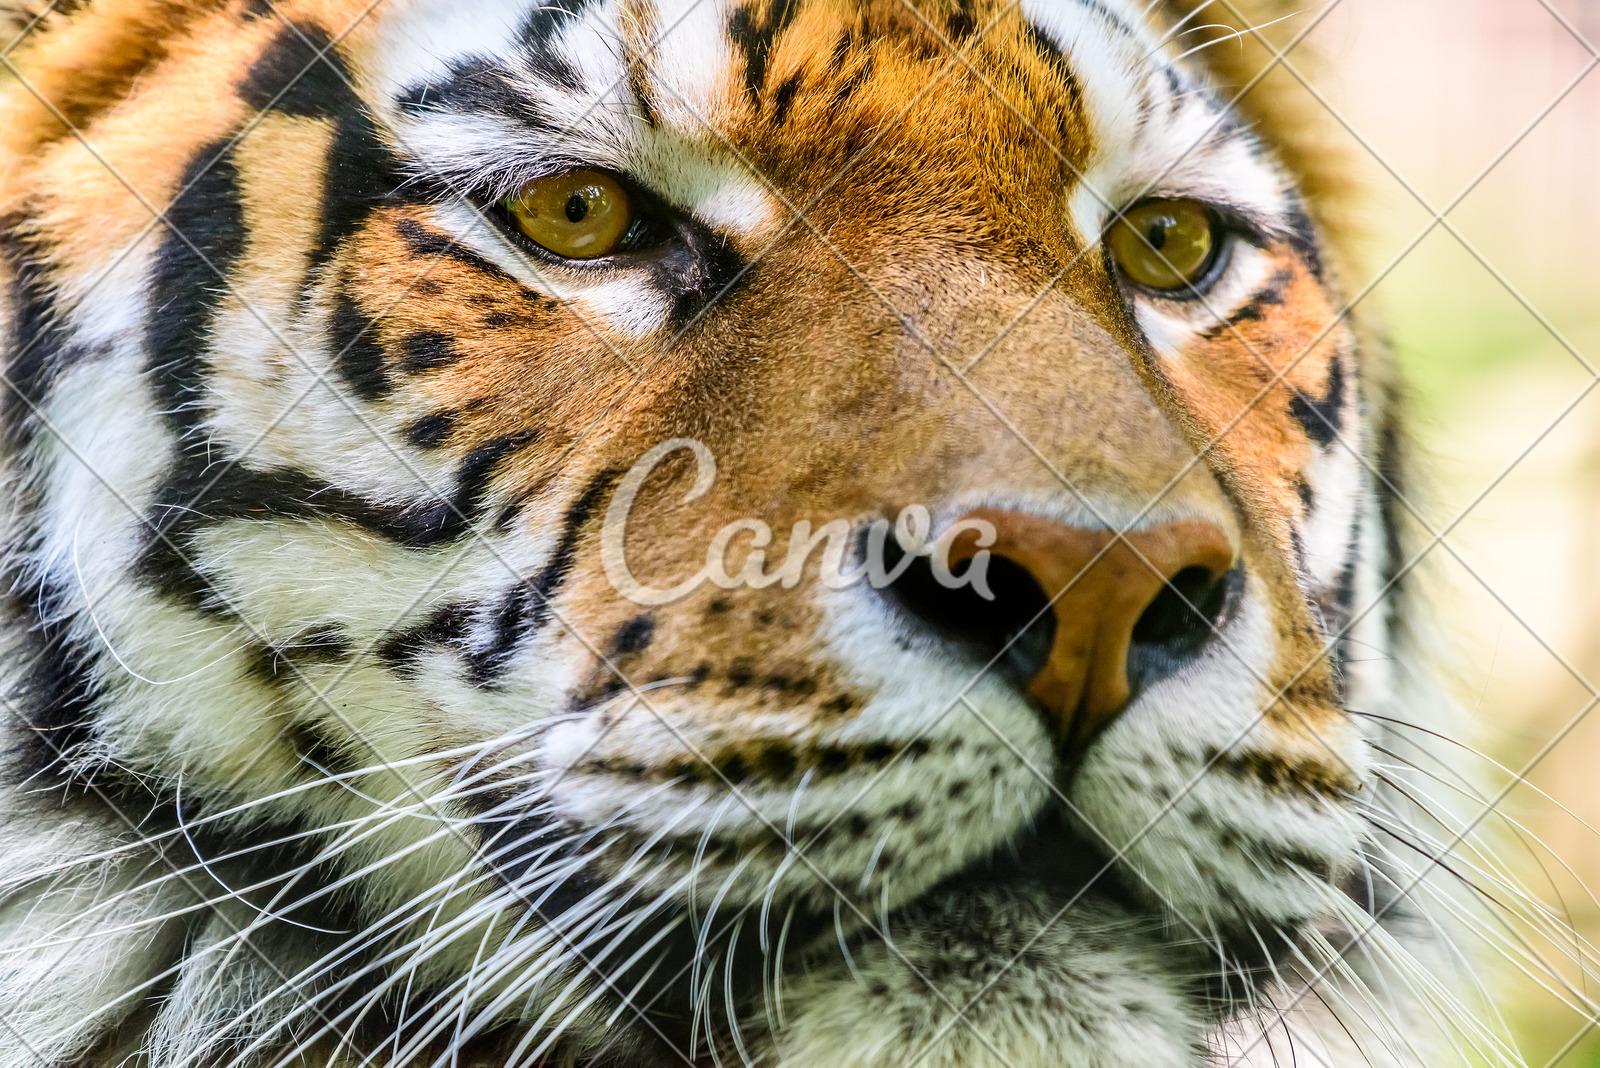 tiger s face photos